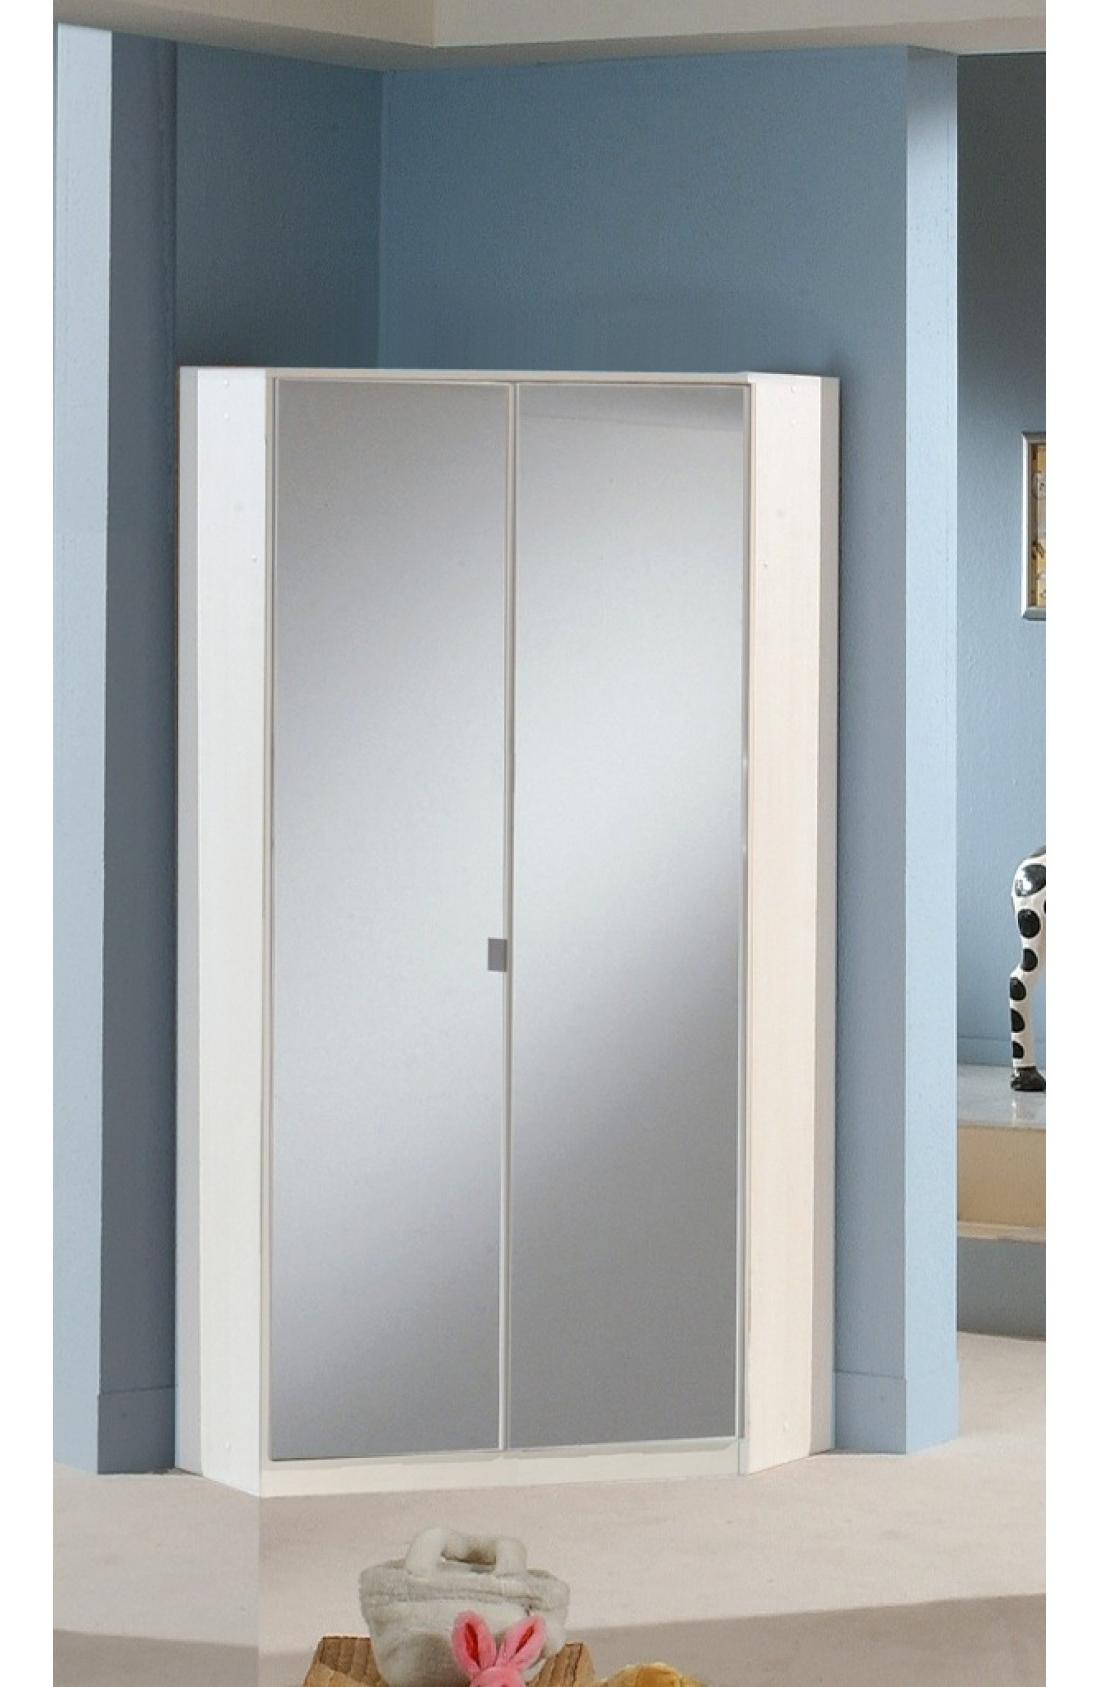 2 Door Corner Wardrobes Regarding Most Popular Slumberhaus Gamma German Made Modern White And Mirror 2 Door (View 2 of 15)